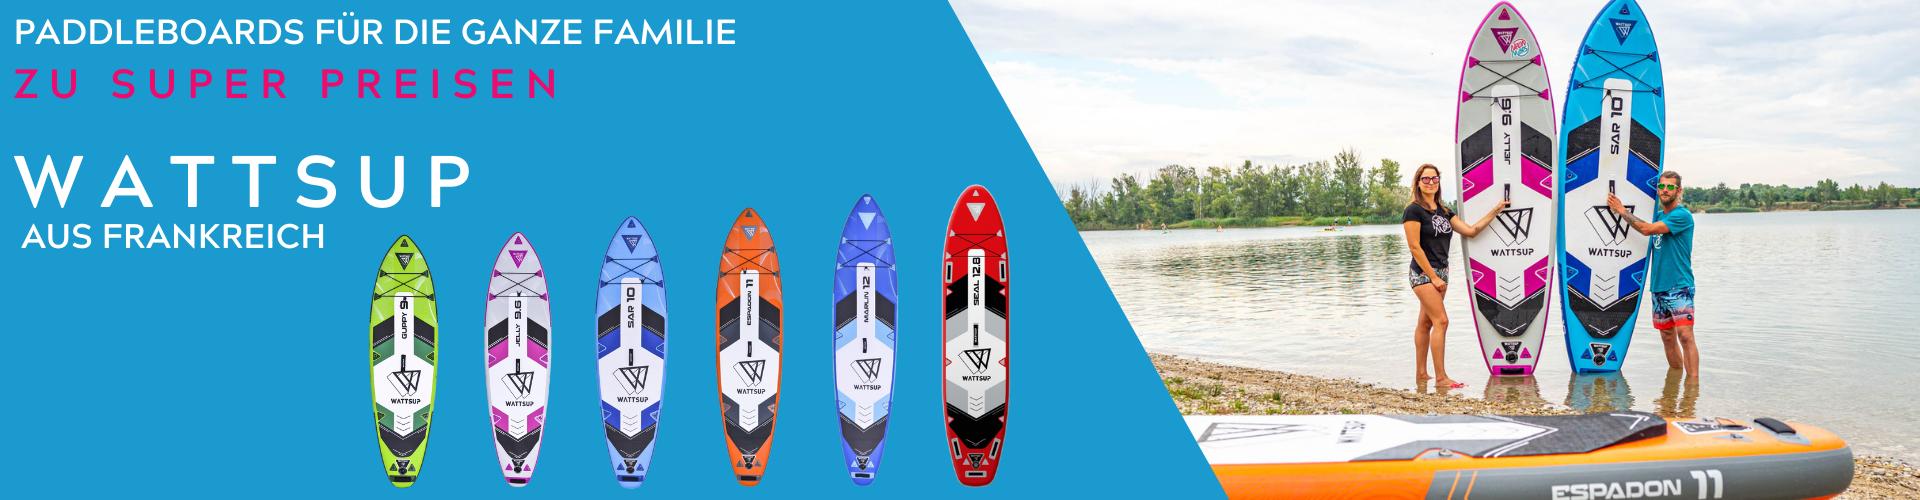 Wattsup Paddleboards